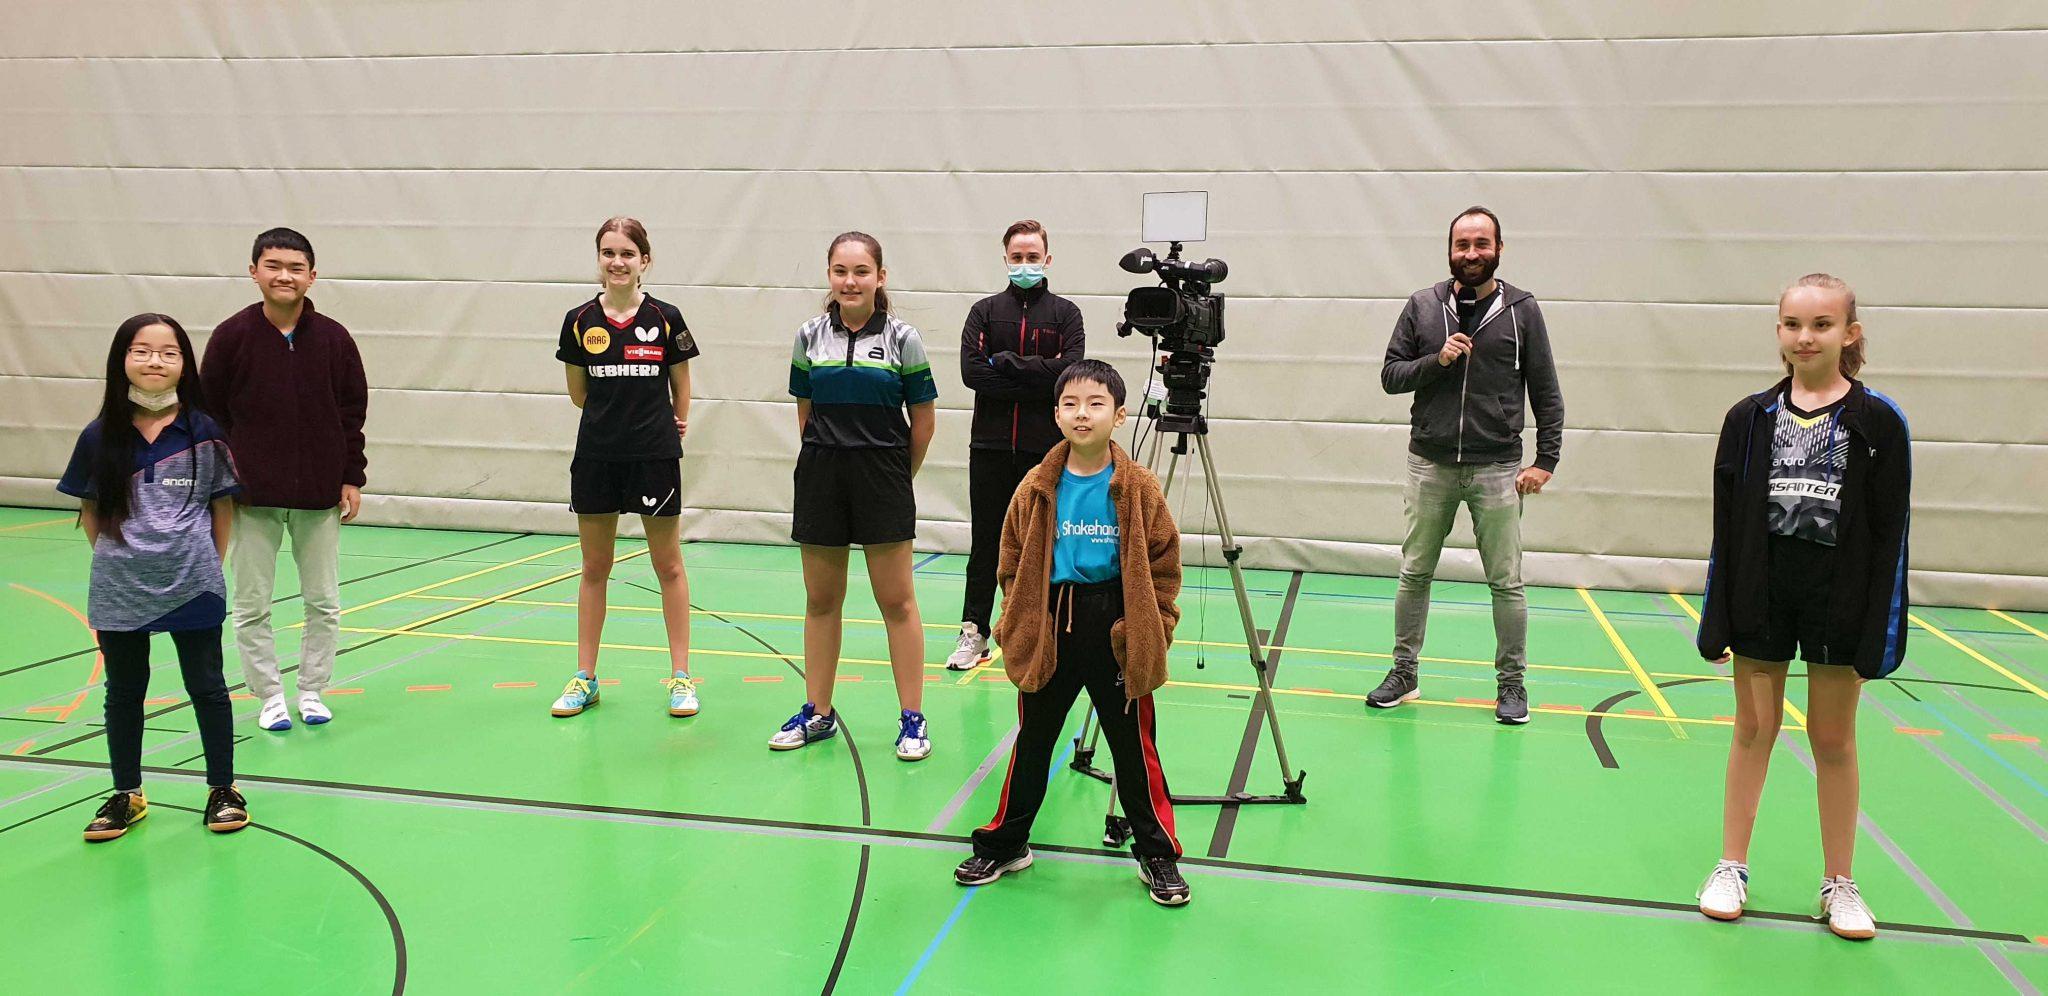 女子チーム(Bad Rodach)のテレビ取材と残念なニュース